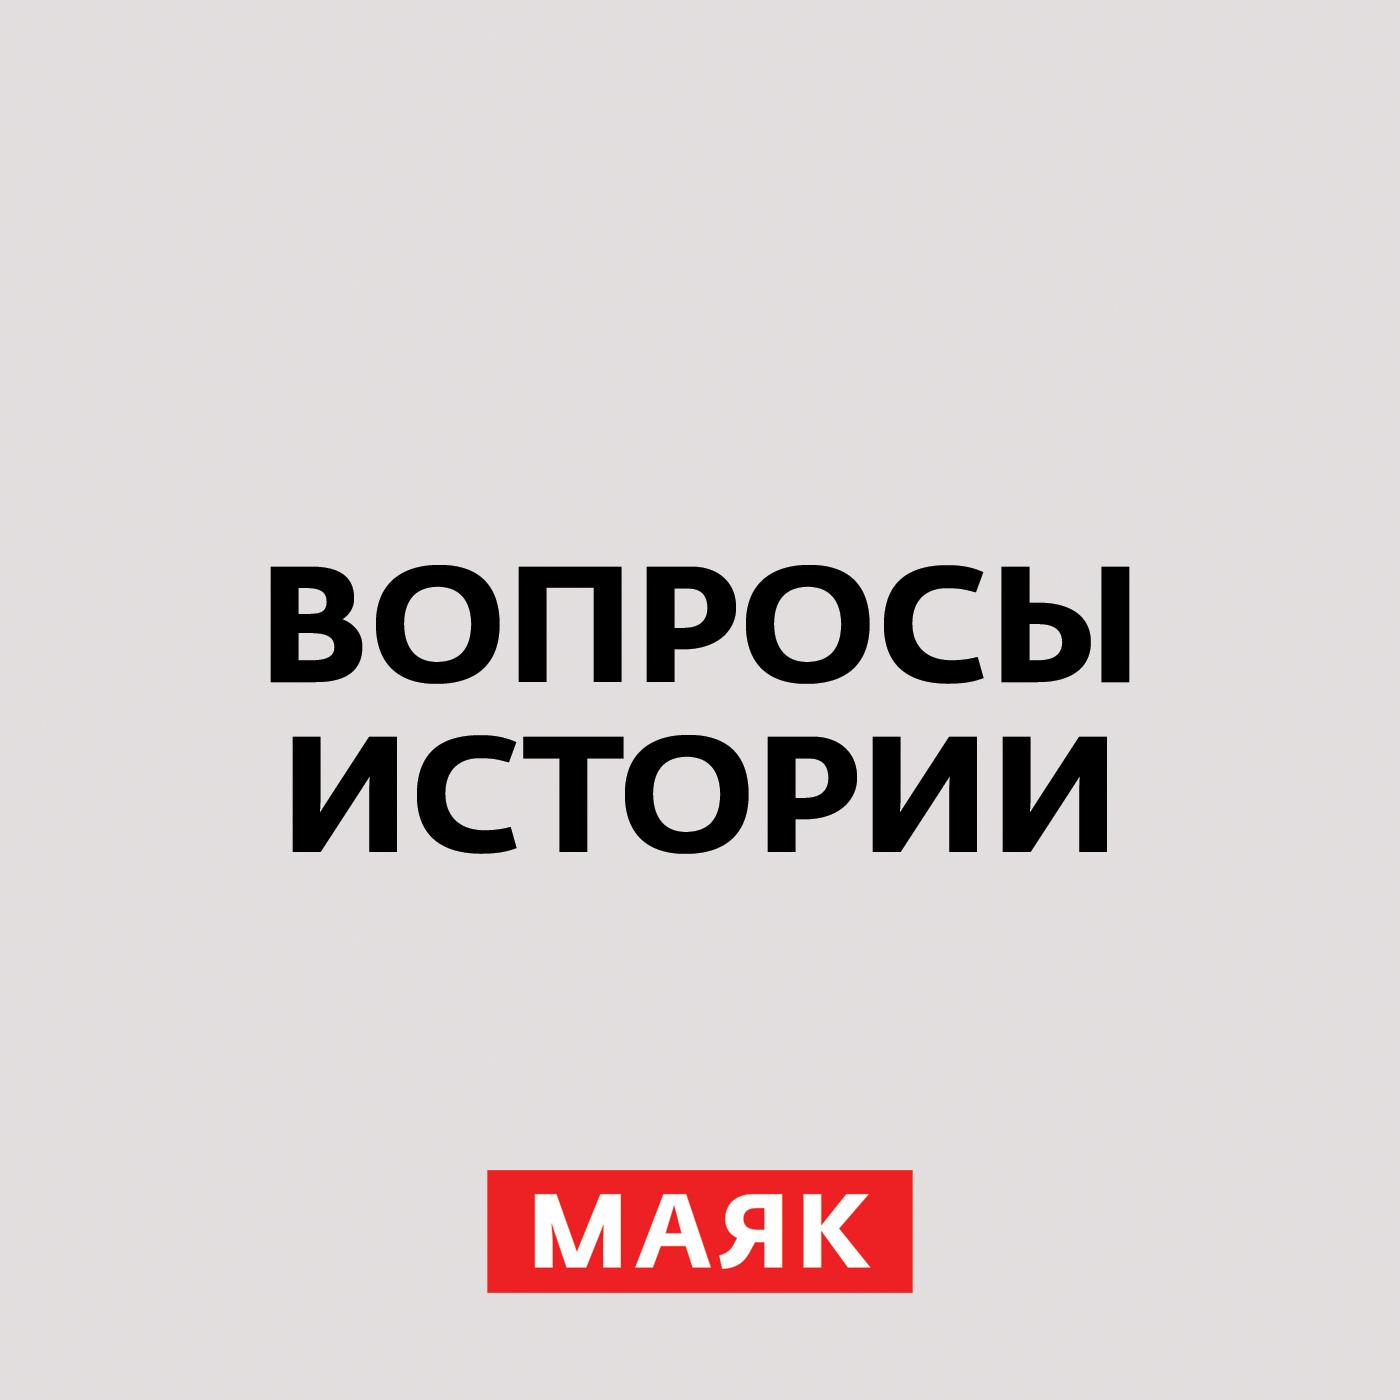 Андрей Светенко Мы так и не вышли из тупика, в который нас загнал доклад Хрущева. Часть 3 андрей светенко осень 1941 го крещатик и бабий яр часть 3